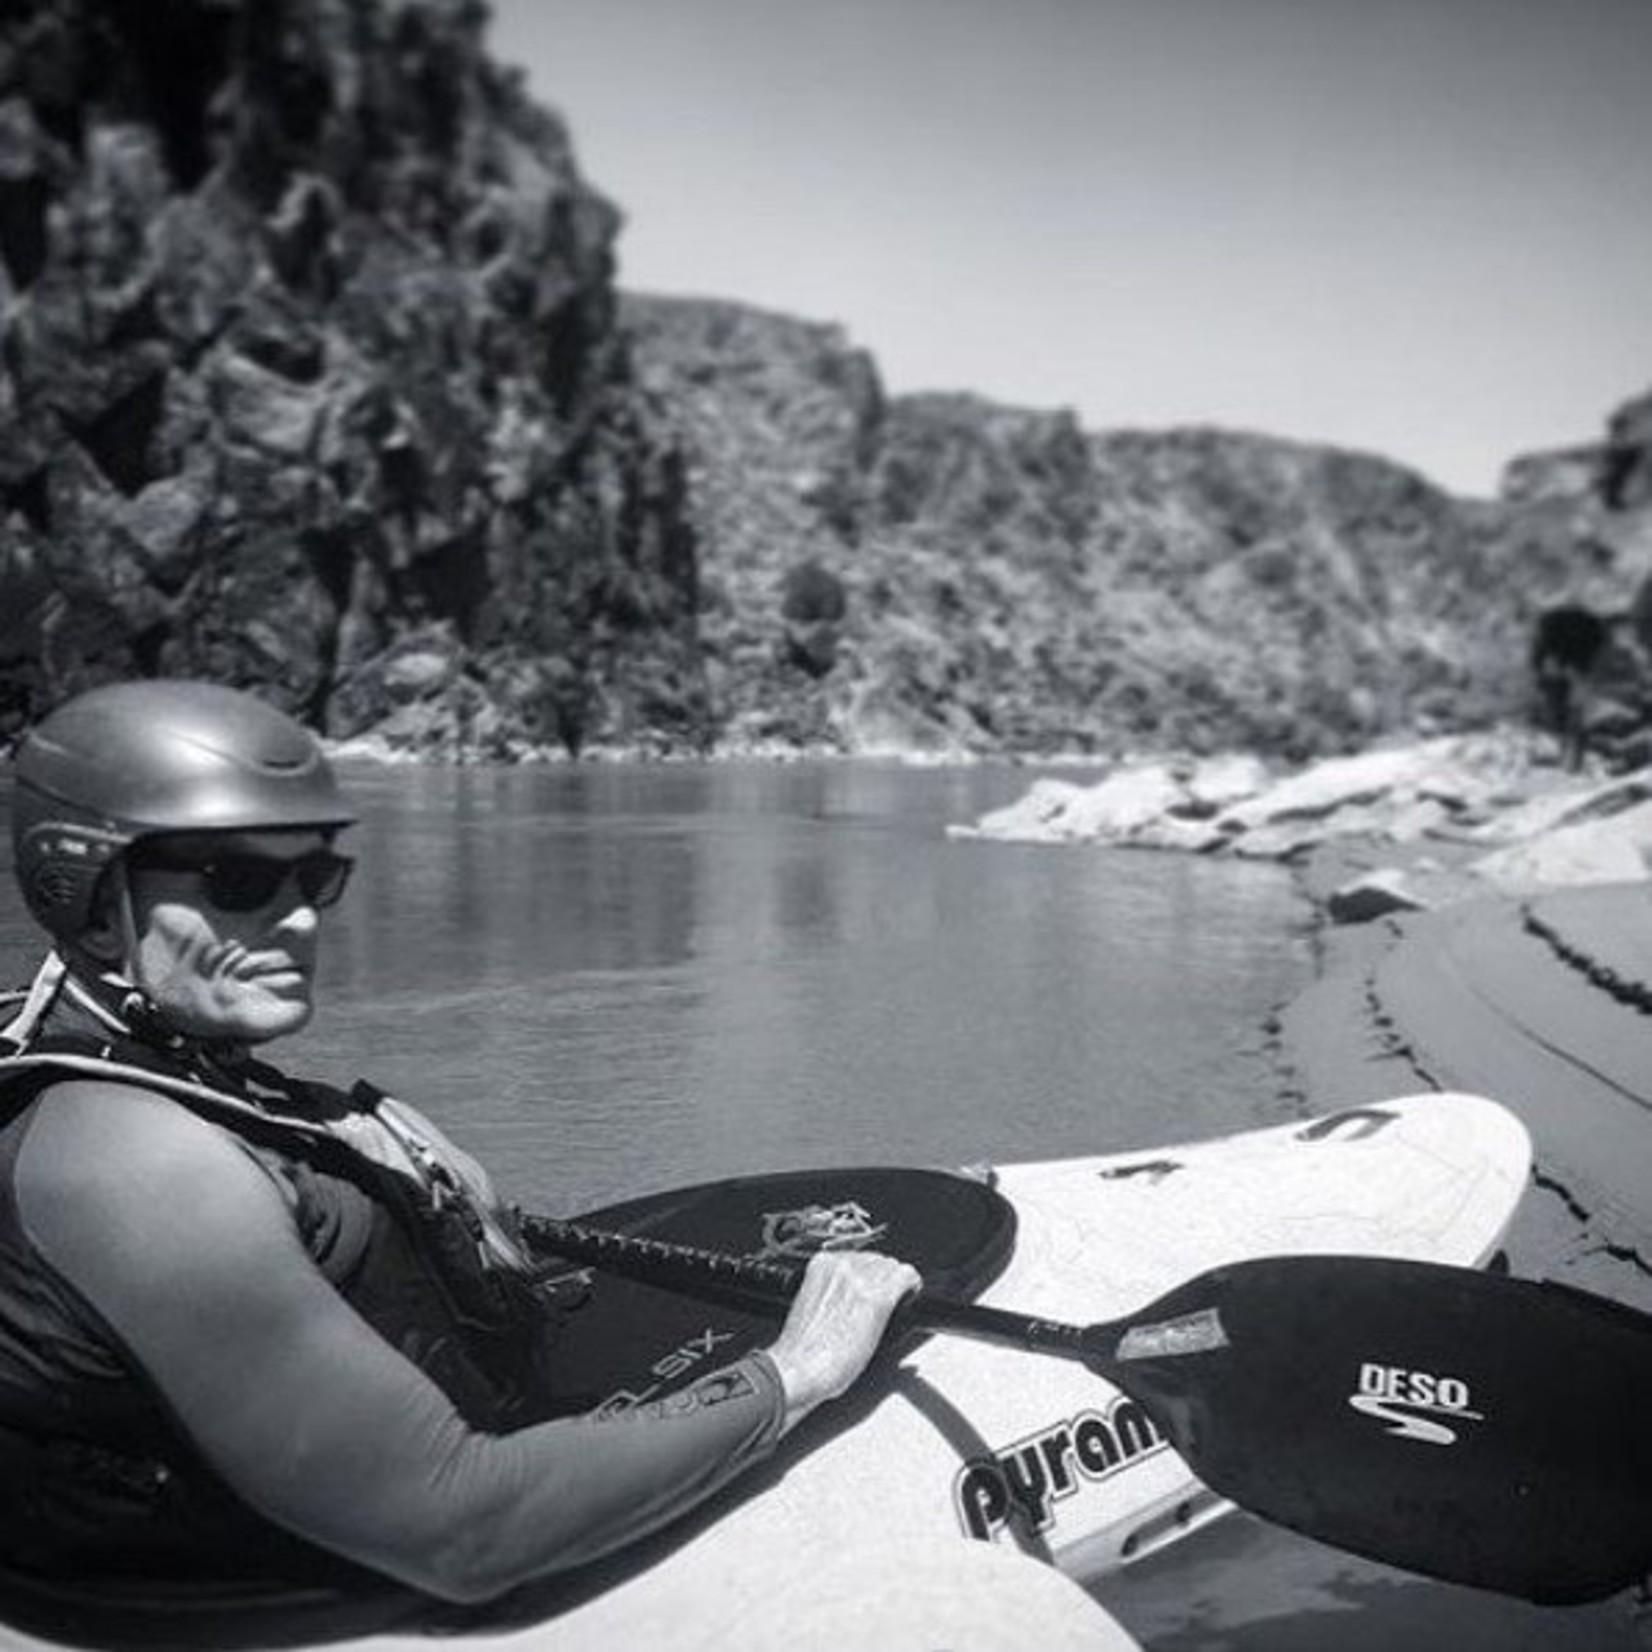 Cataract Oars Cataract Deso Kayak Paddle